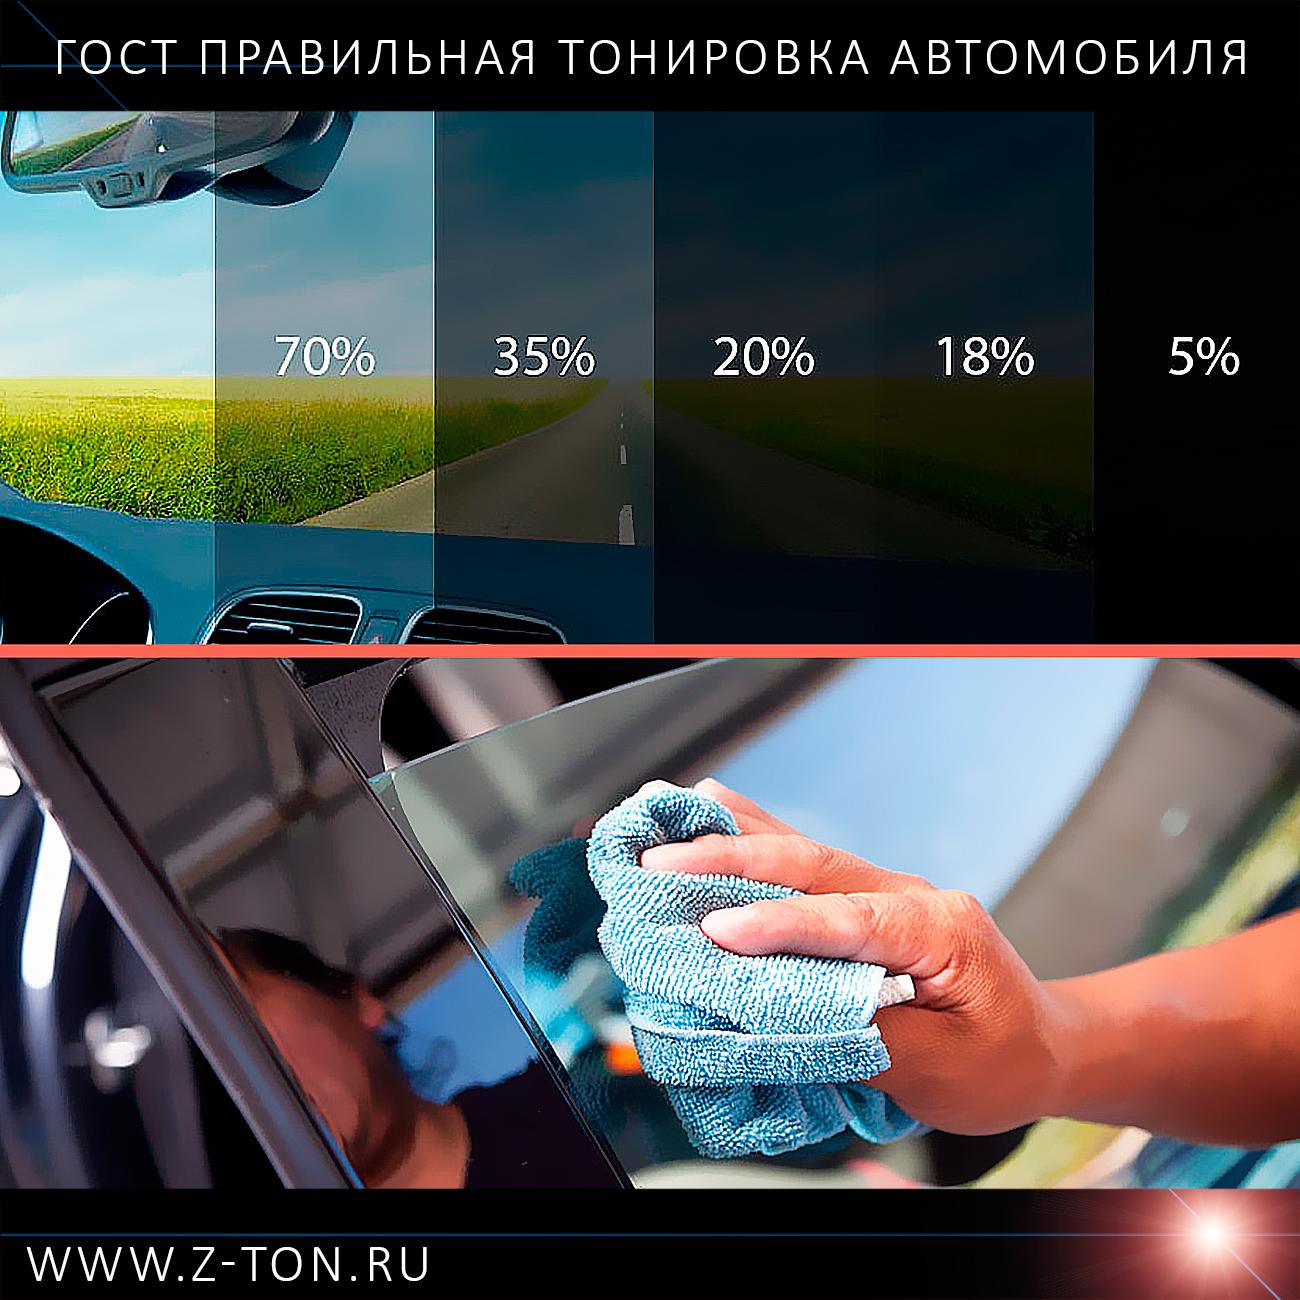 Тонировка автомобиля по ГОСТу в Зеленограде